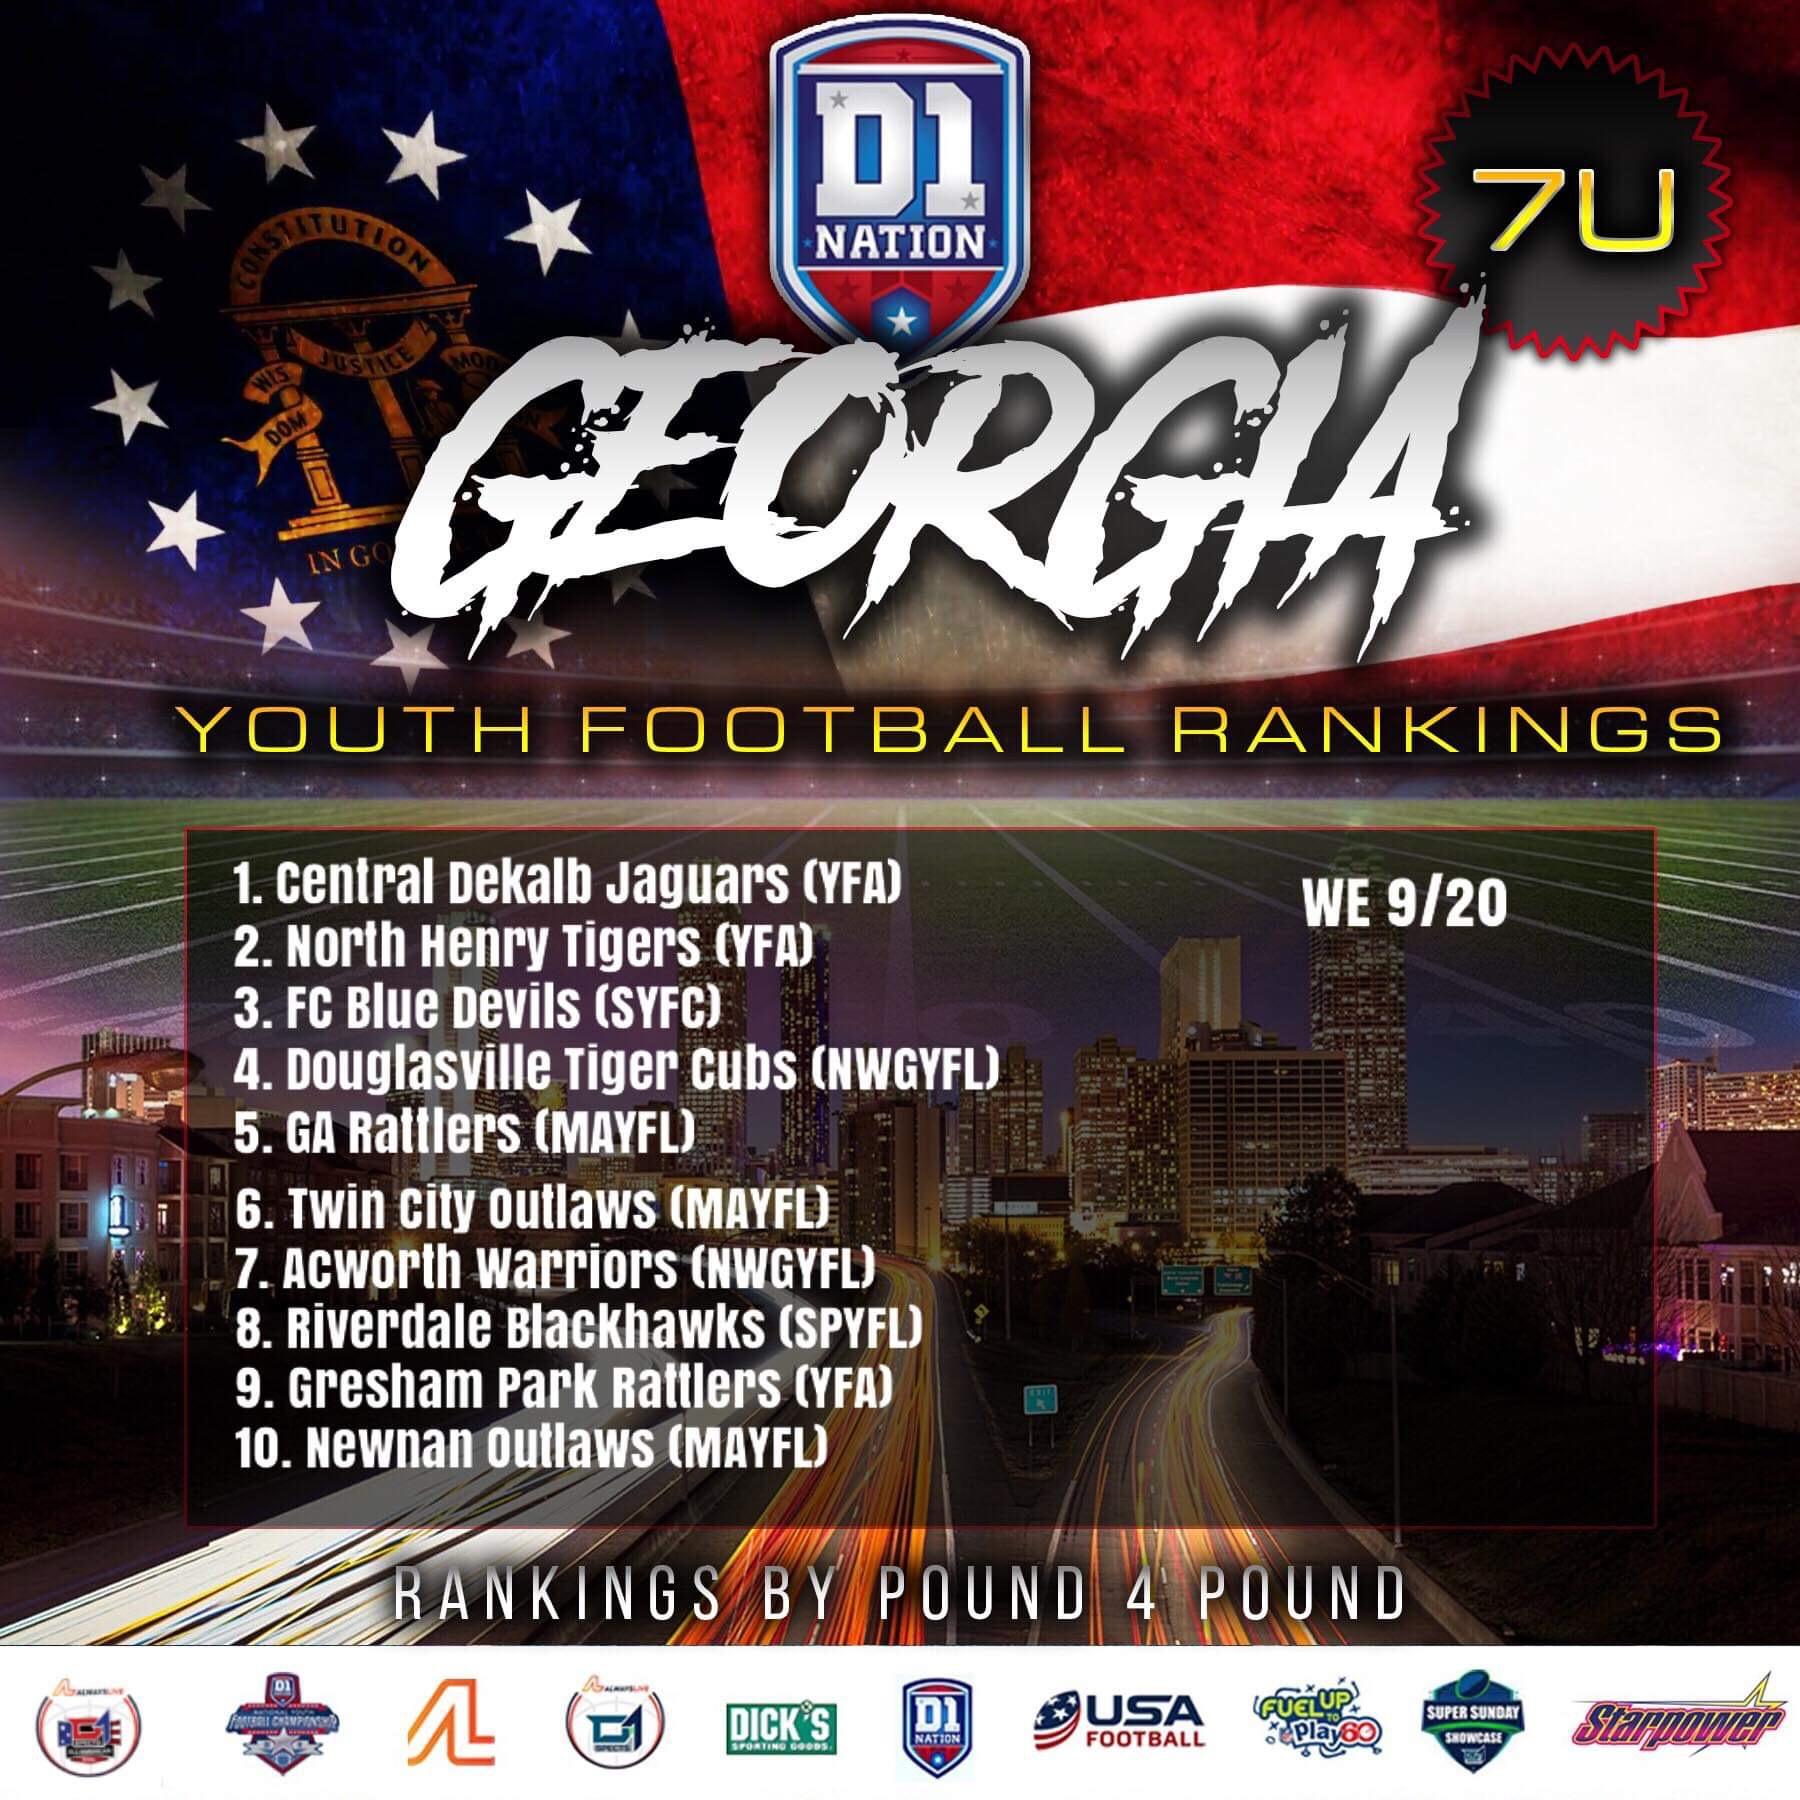 Update 09/26/2019: Georgia Youth Football Rankings – 7U